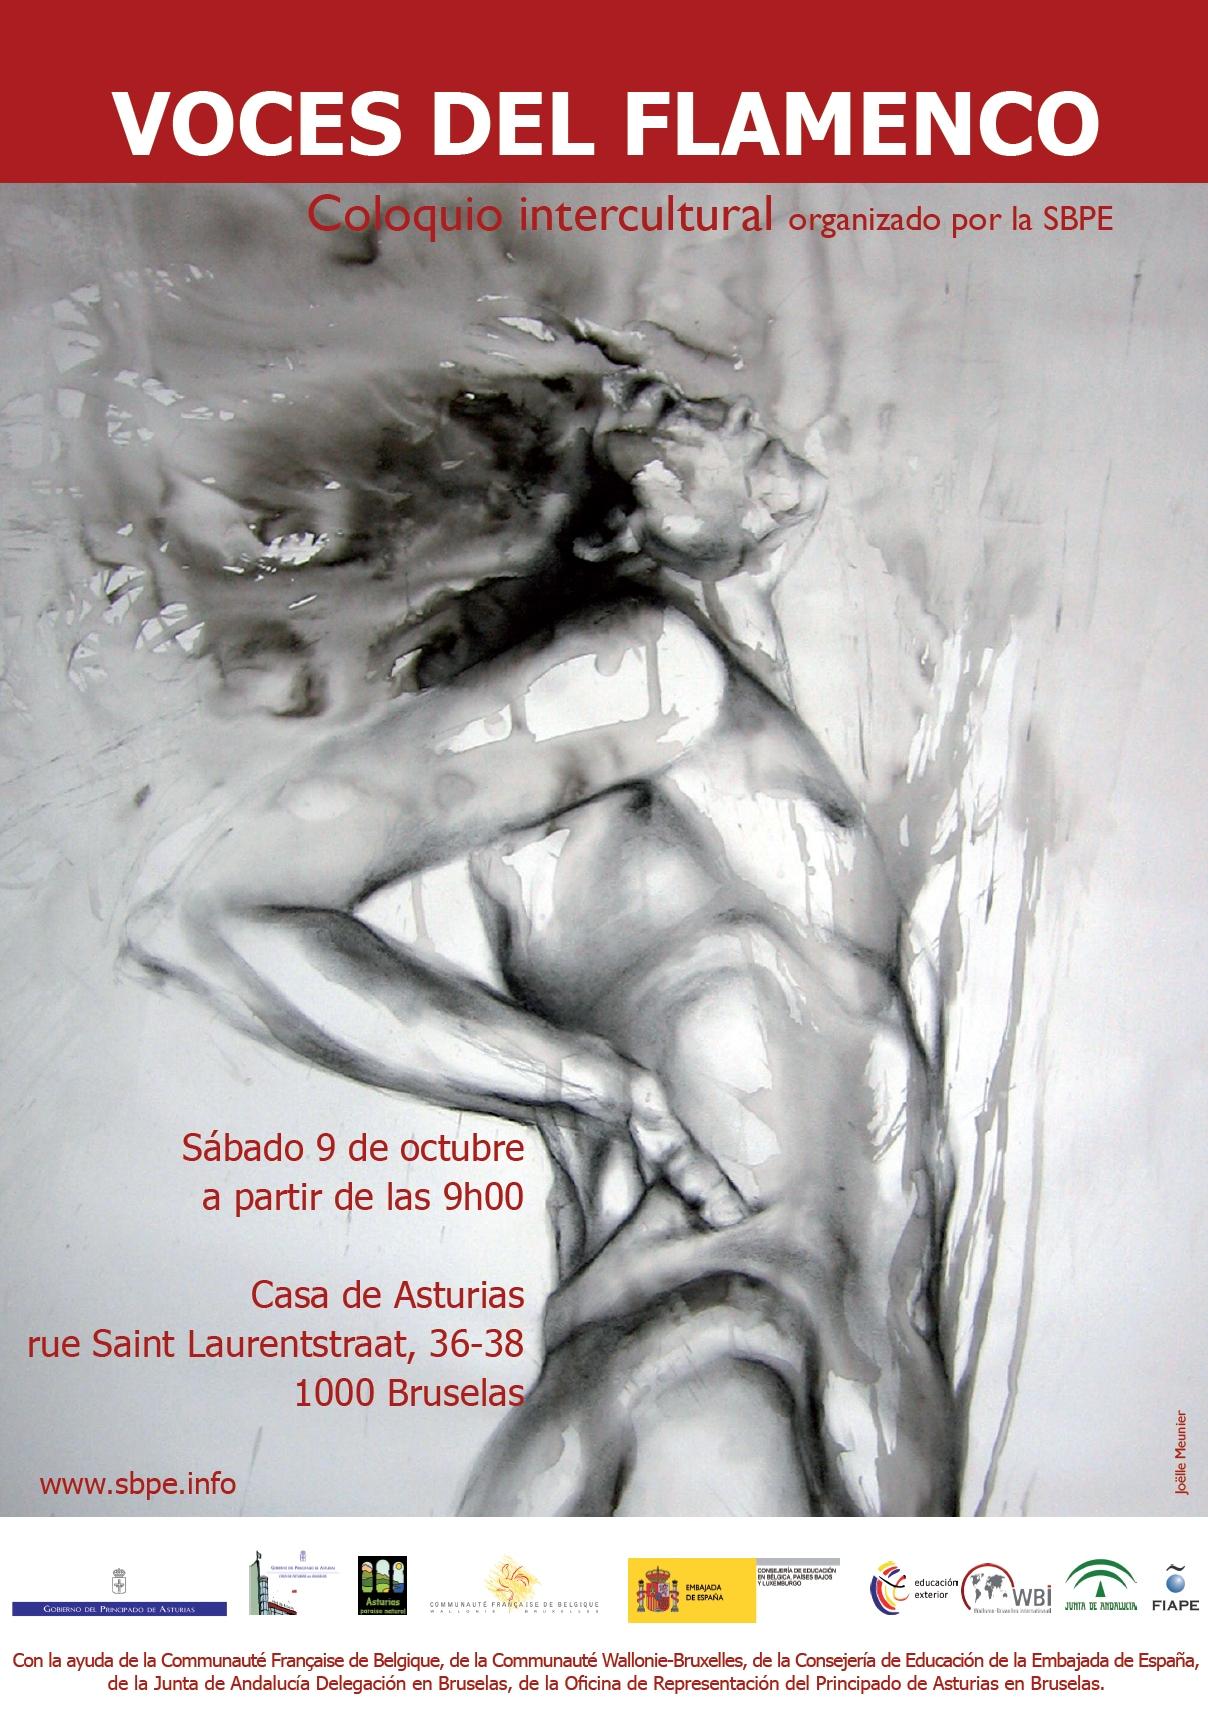 Affiche réalisée pour le Colloque 'VOCES DEL FLAMENCO'